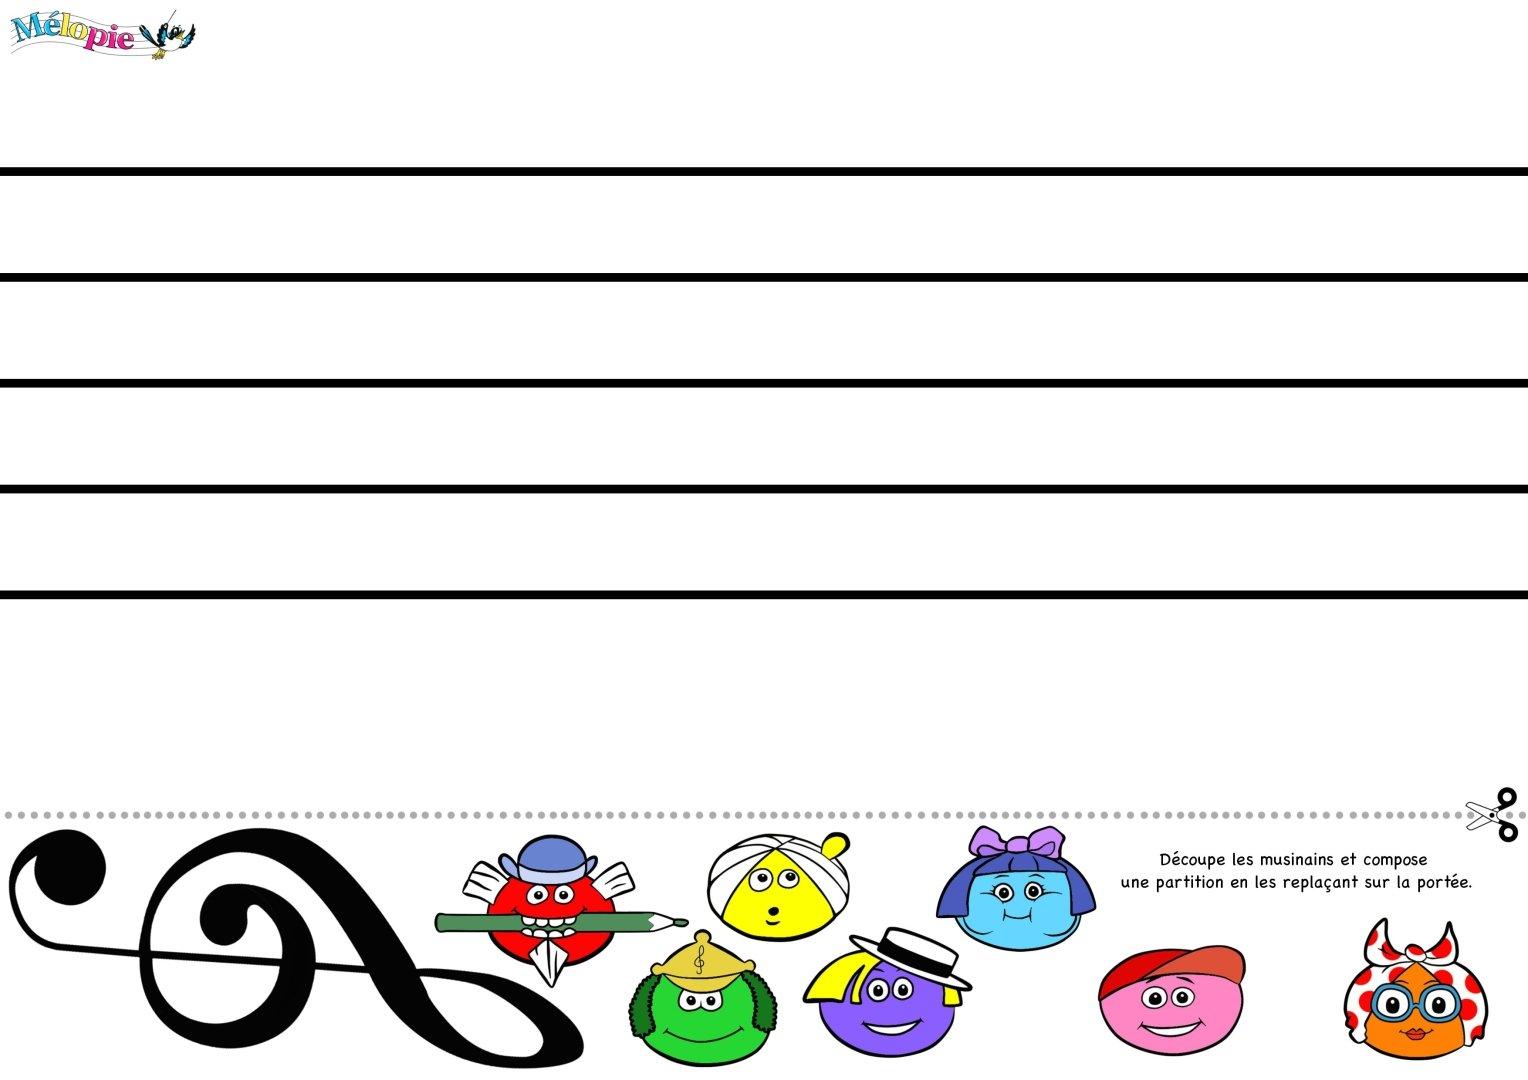 Bien connu Composition, partition vierge | MÉLOPIE, apprendre en s'amusant ! FH34